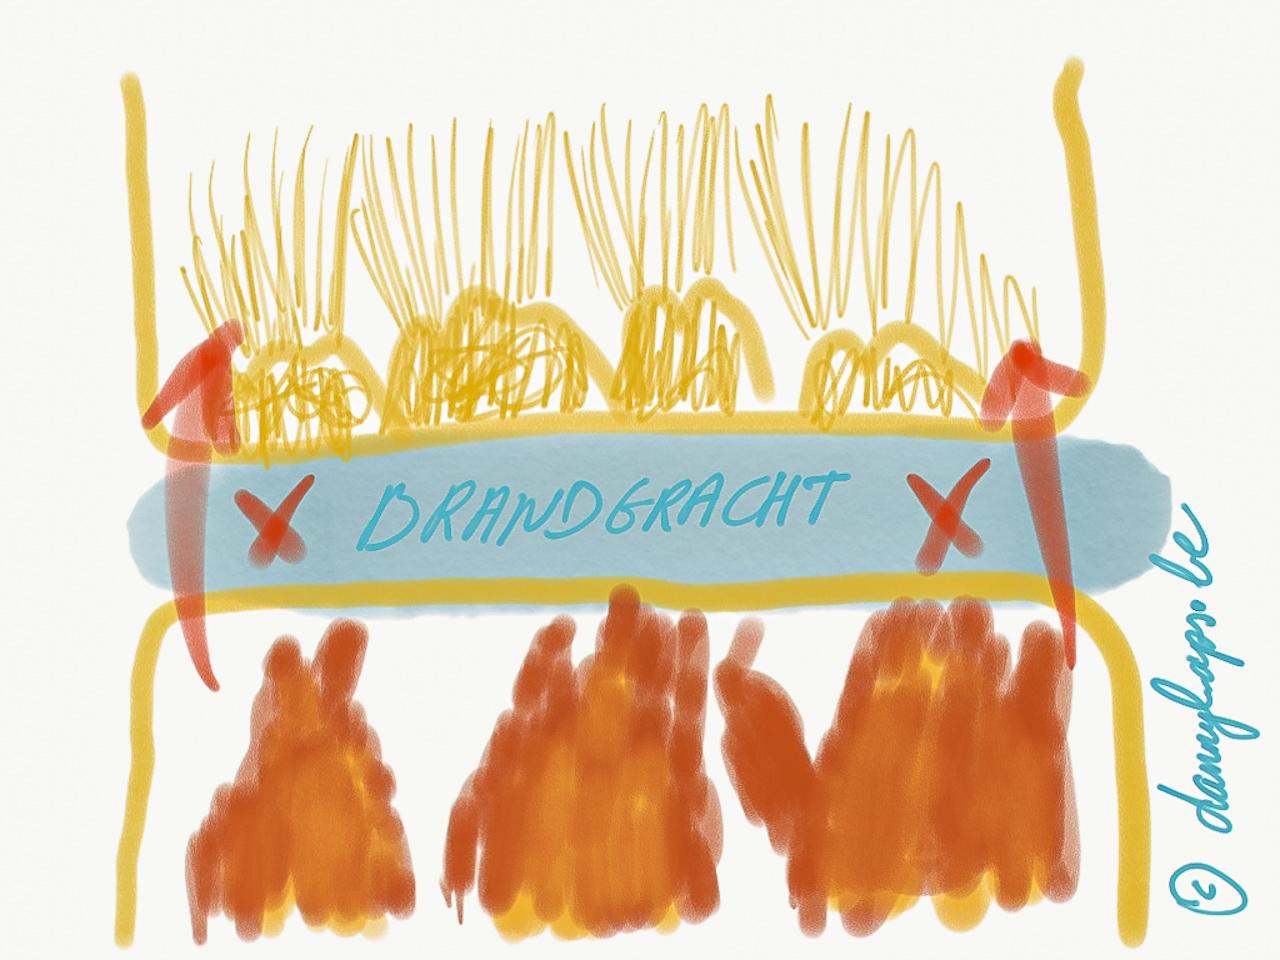 Brand Groot Schietveld - Brandgracht